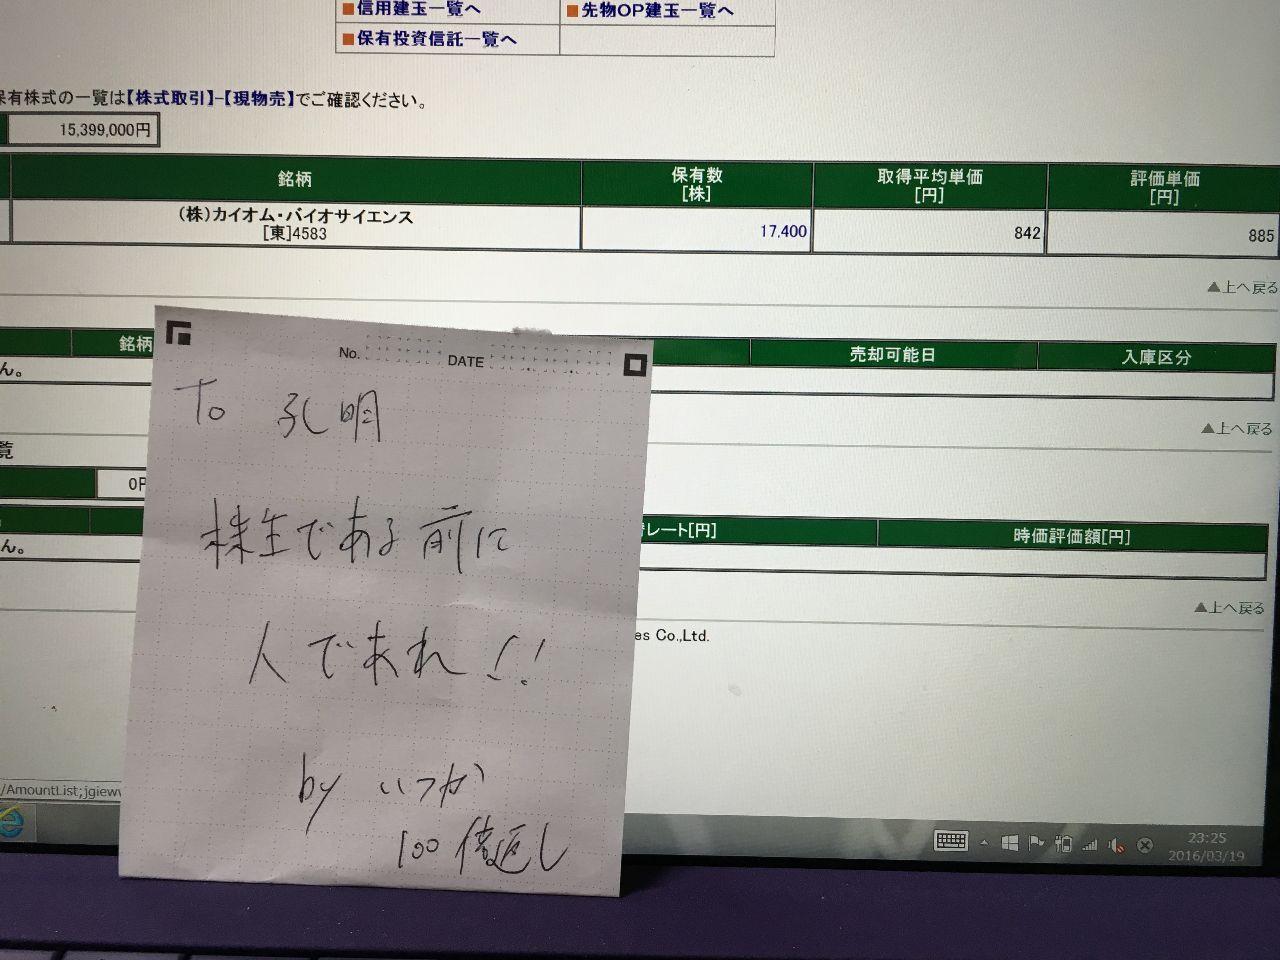 4583 - (株)カイオム・バイオサイエンス 現物